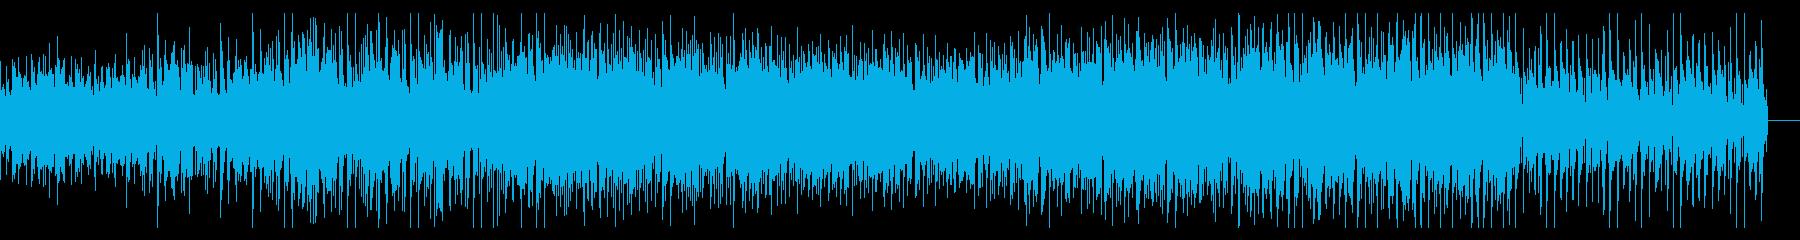 徐々に進展するダークなハウスの再生済みの波形